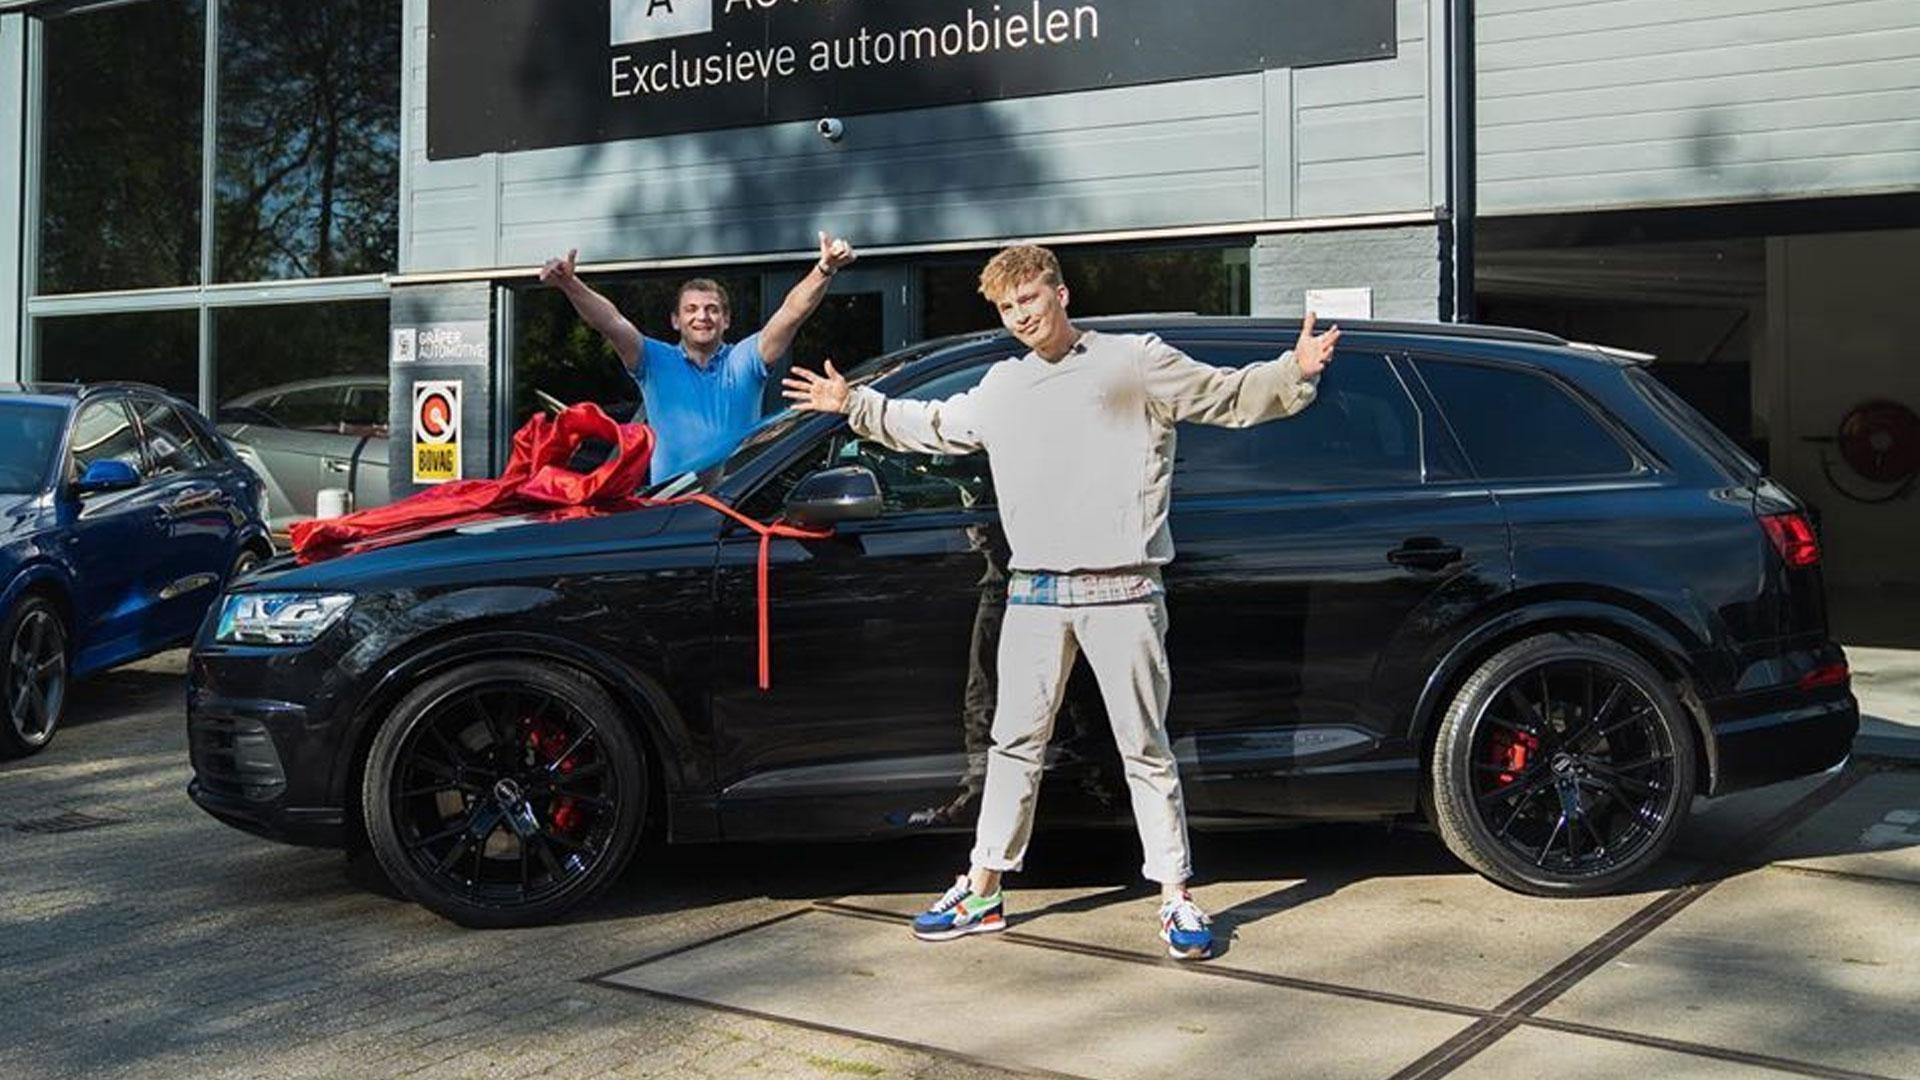 Audi SQ7 van rapper en zanger Snelle